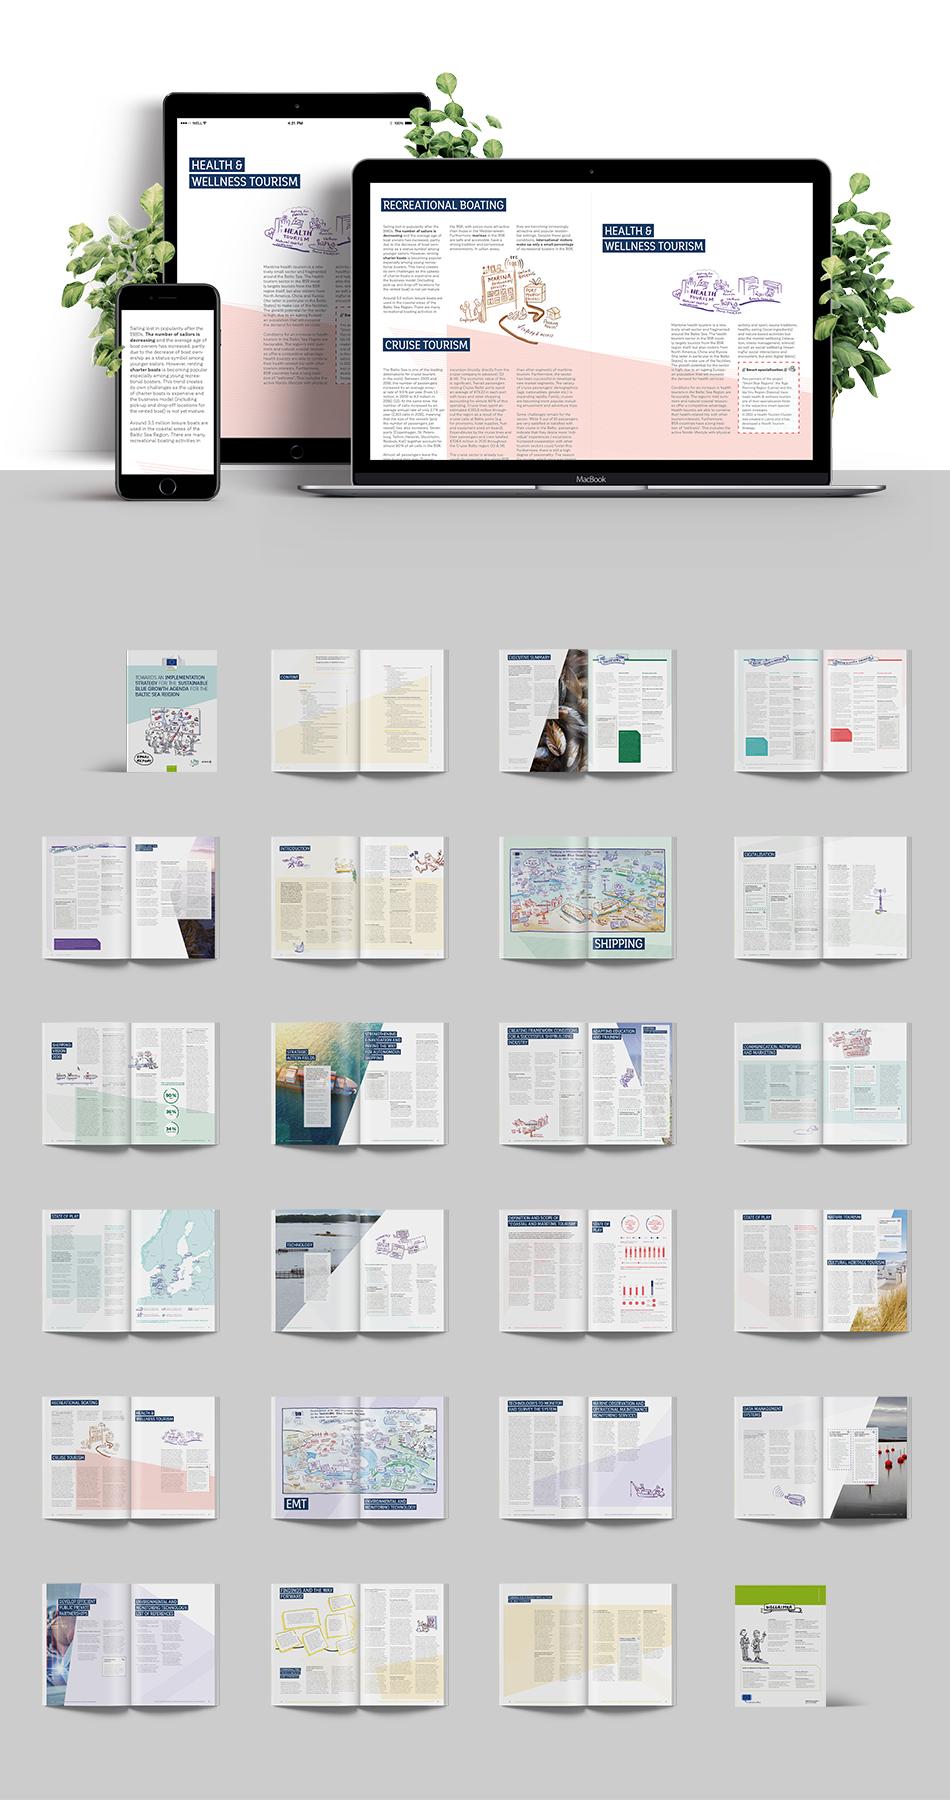 Web- und Printansichten des Forschungsberichts